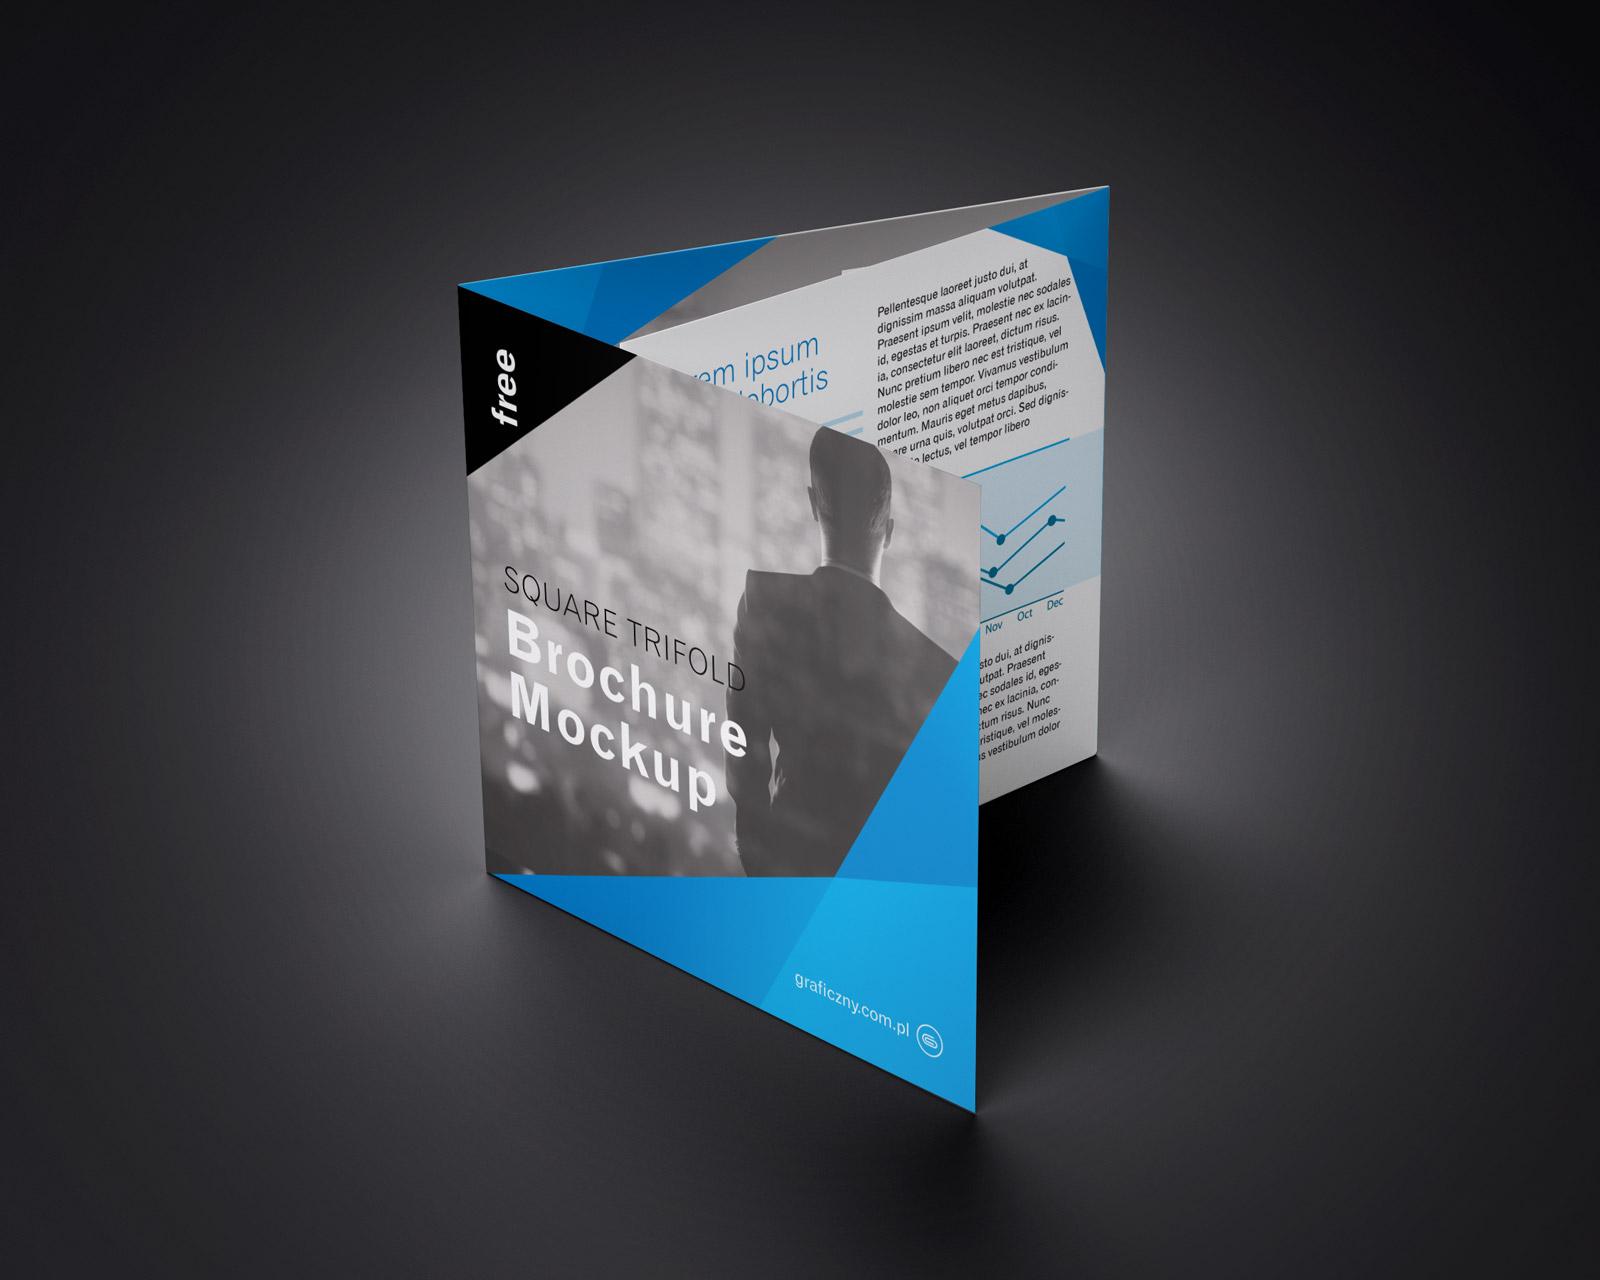 Free Tri-Fold (3 Fold) Square Brochure Mockup PSD Set (4)